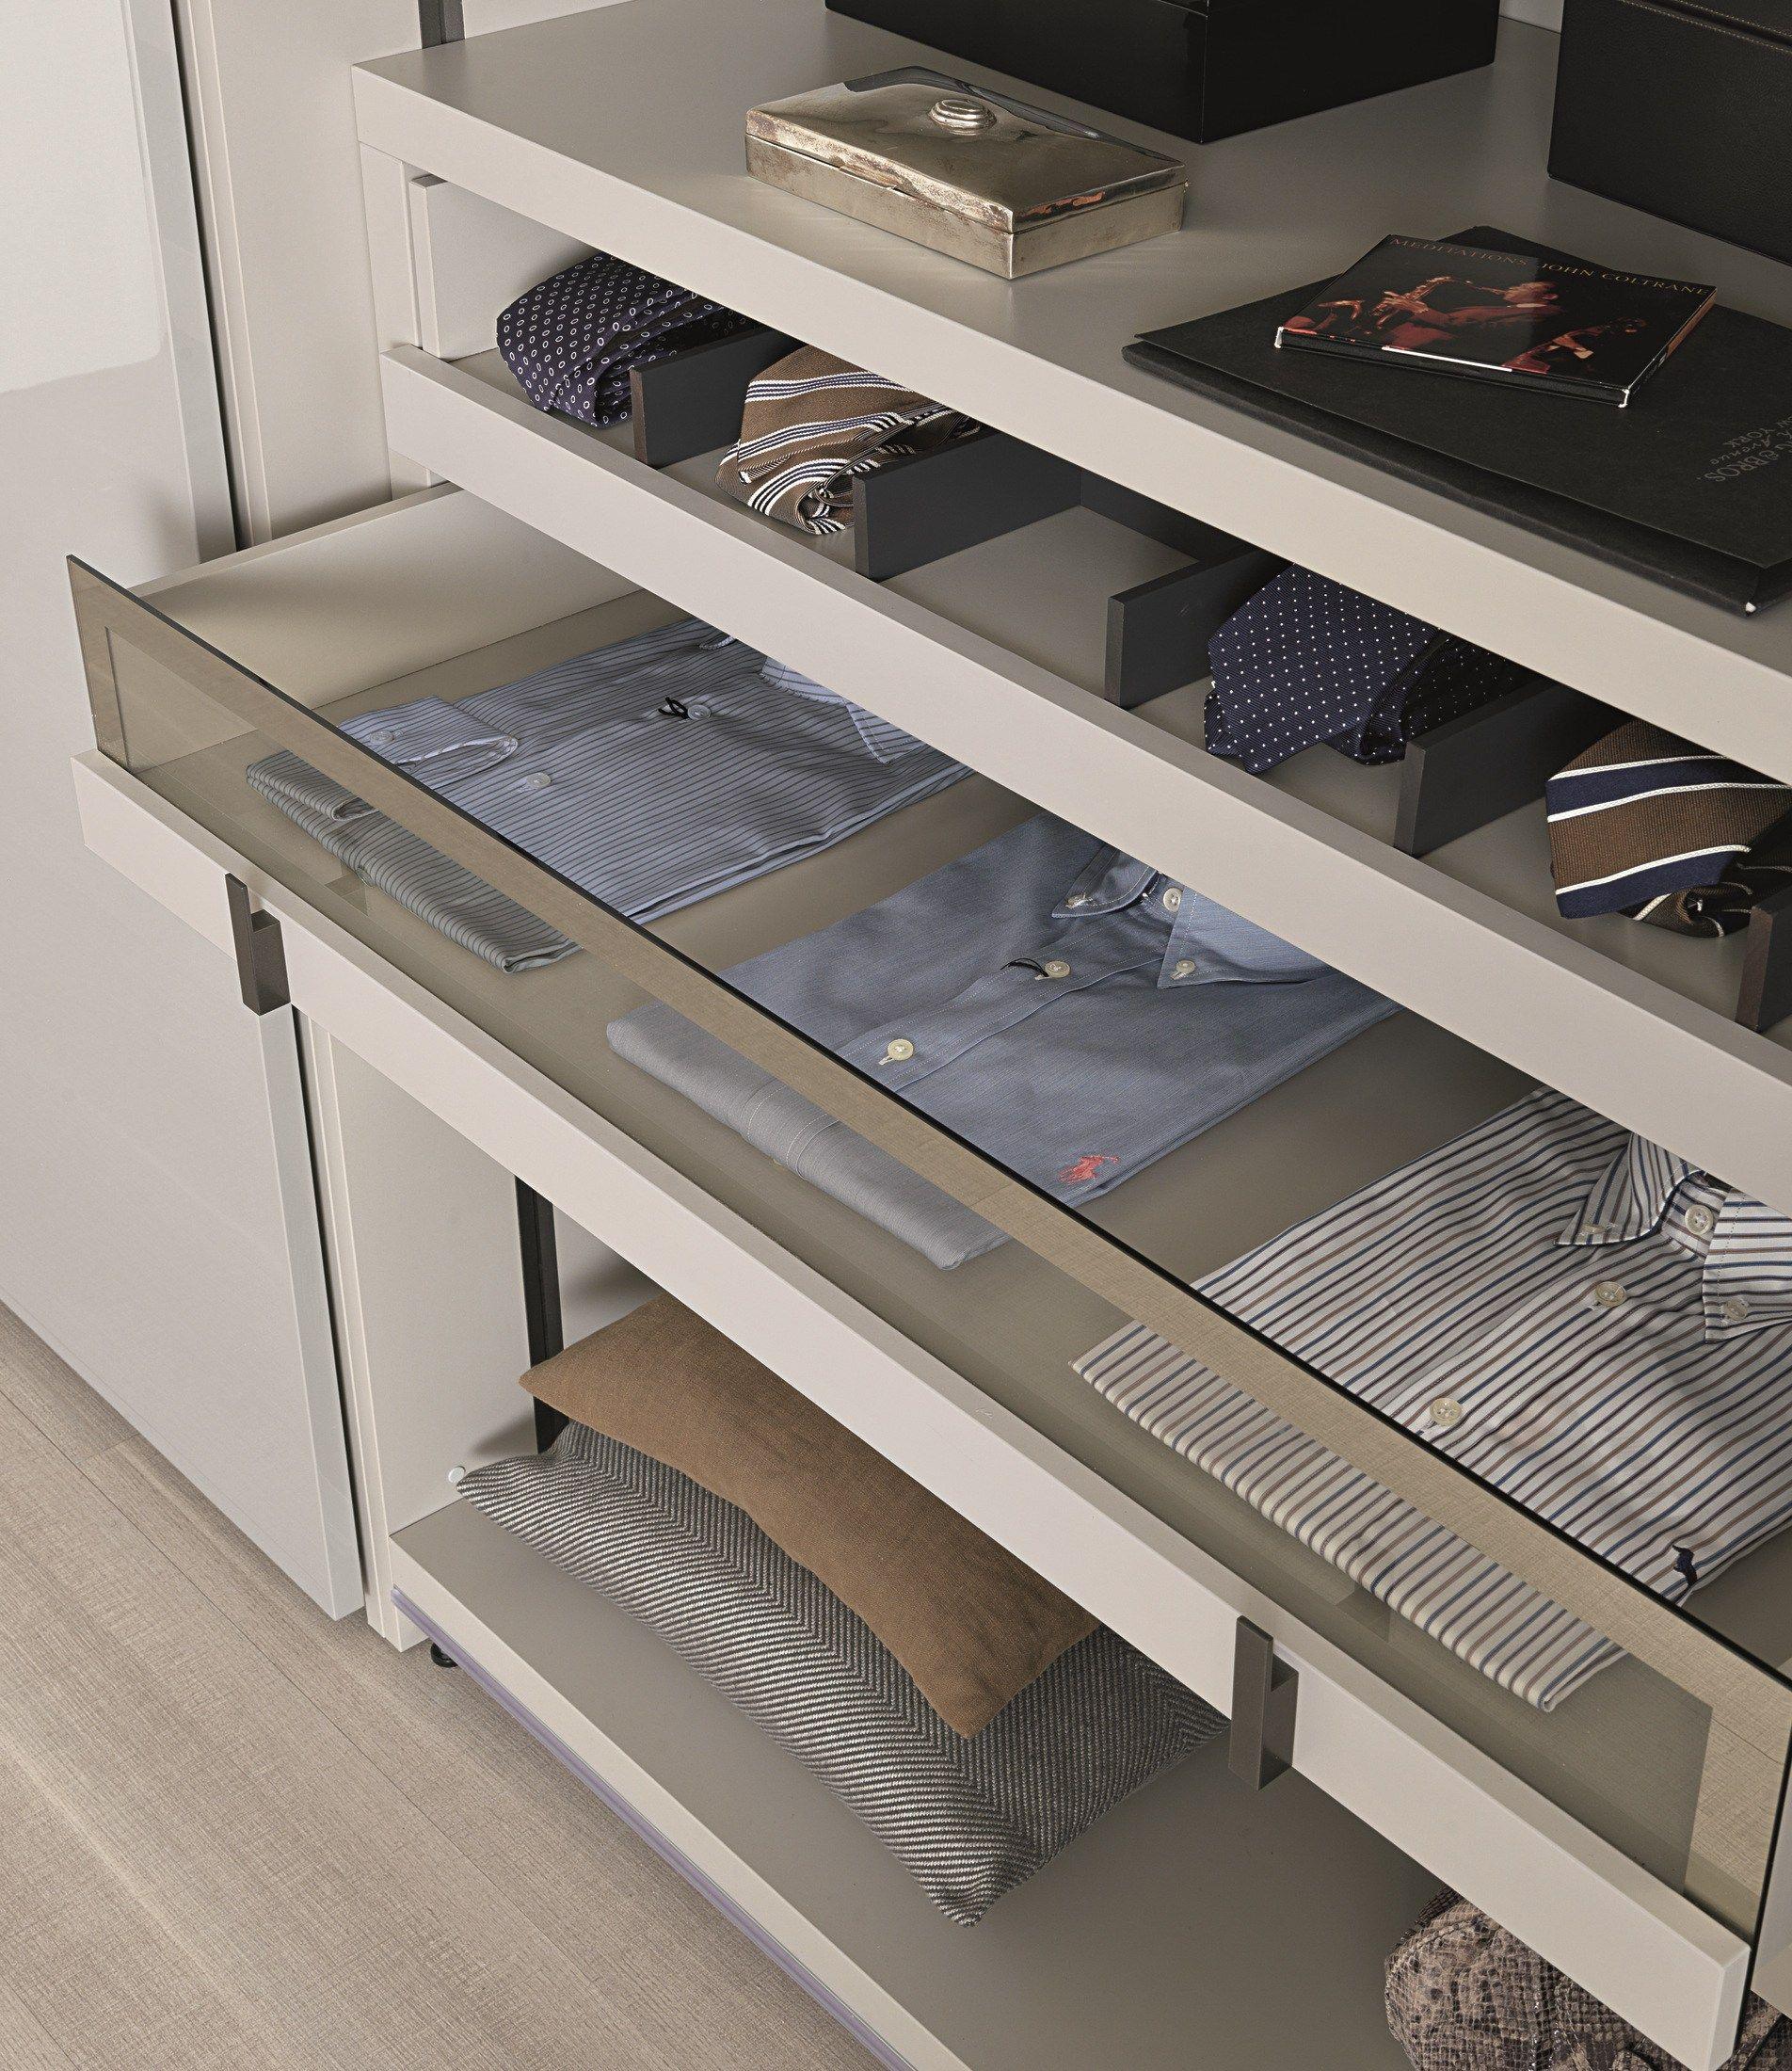 #756556 Armoire En Bois à Portes Coulissantes Sur Mesure REVERS By  1161 armoires portes coulissantes sur mesure 1904x2200 px @ aertt.com